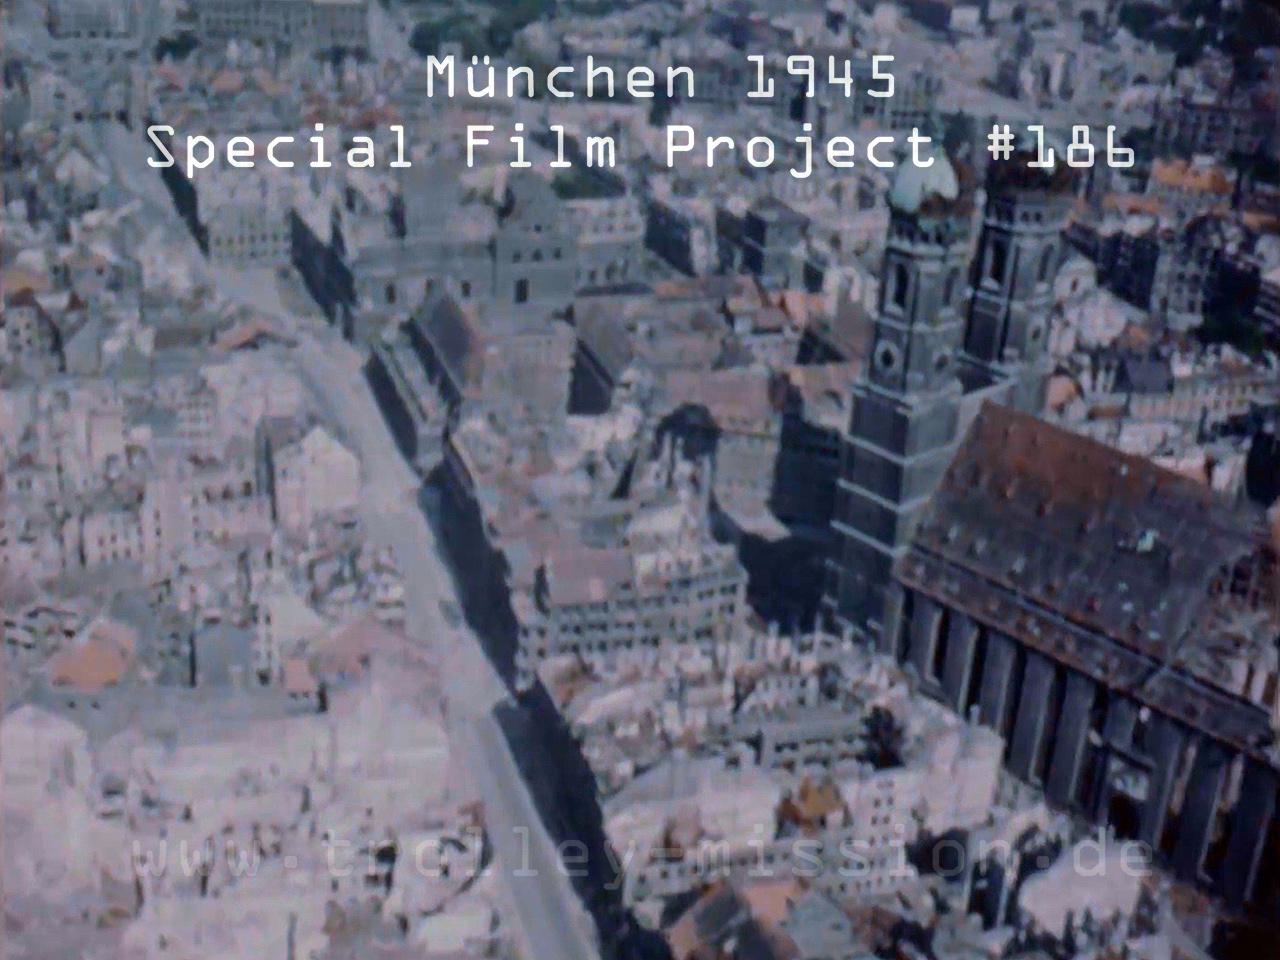 Farbfilm Luftaufnahmen von München nach den Fliegerbomben und Luftangriffen aus dem Jahr 1945